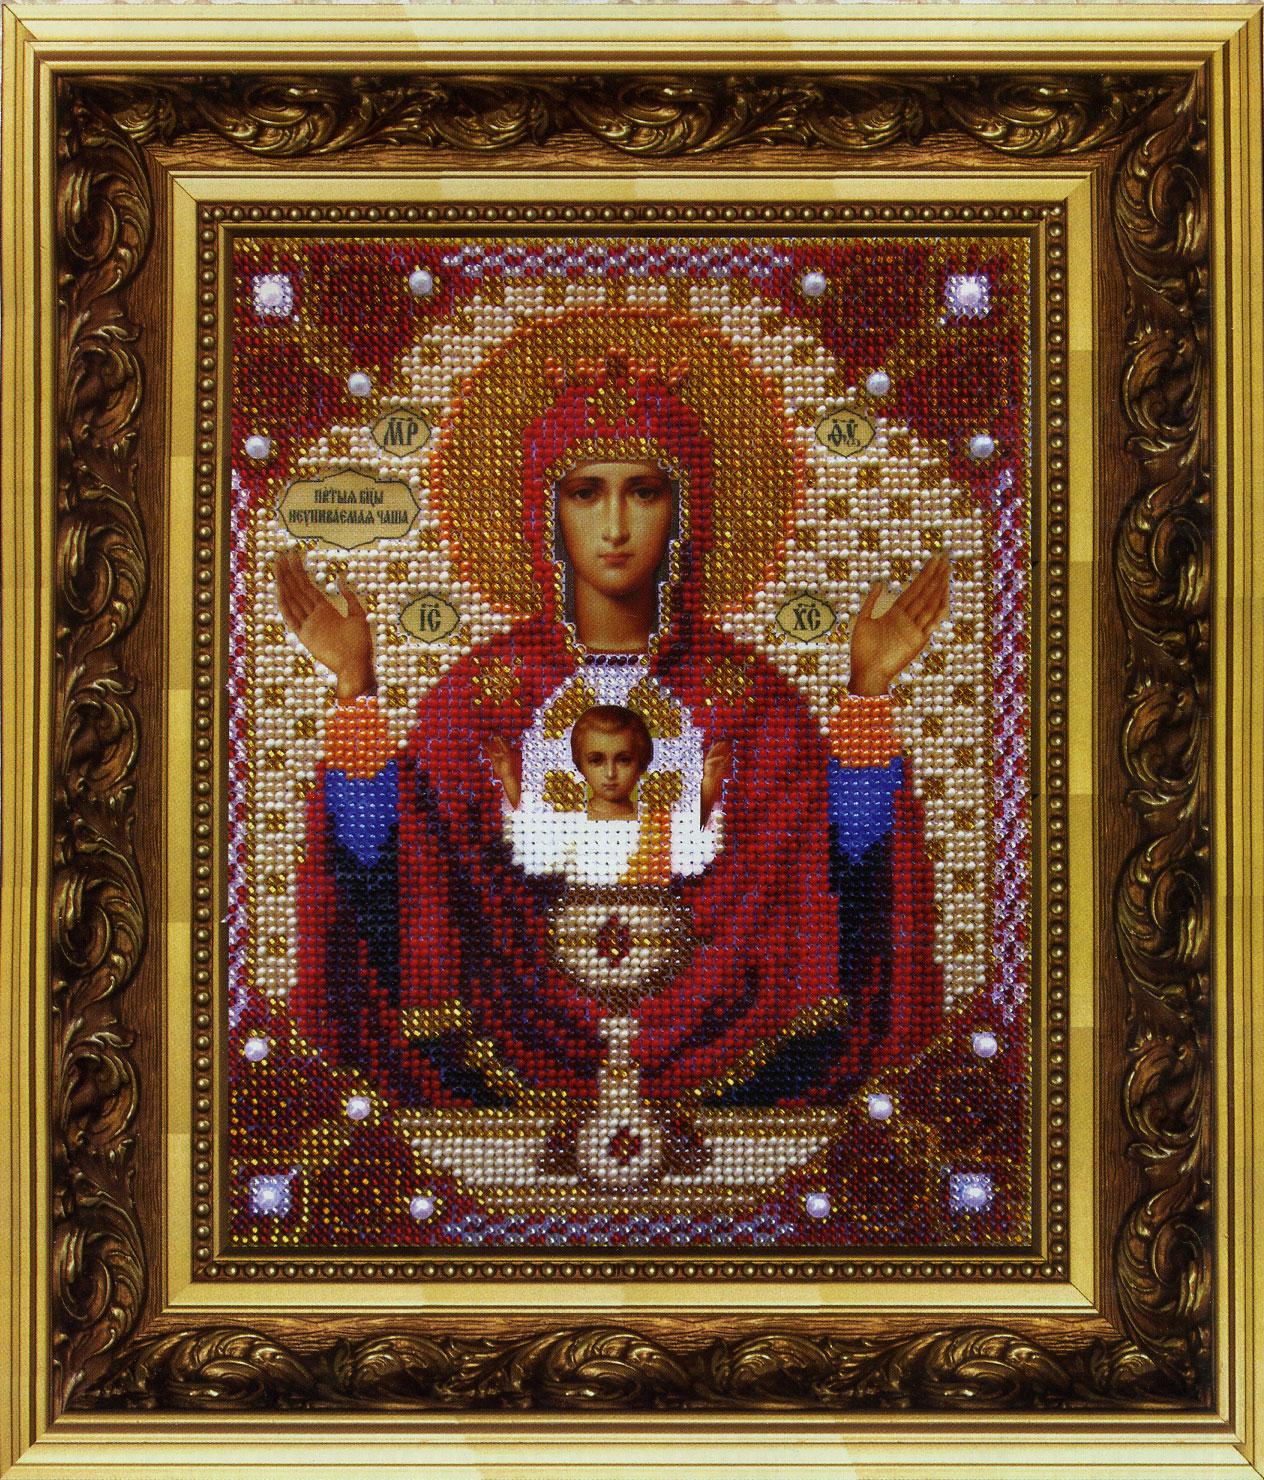 схема вышивки бисером иконы (святая пара)